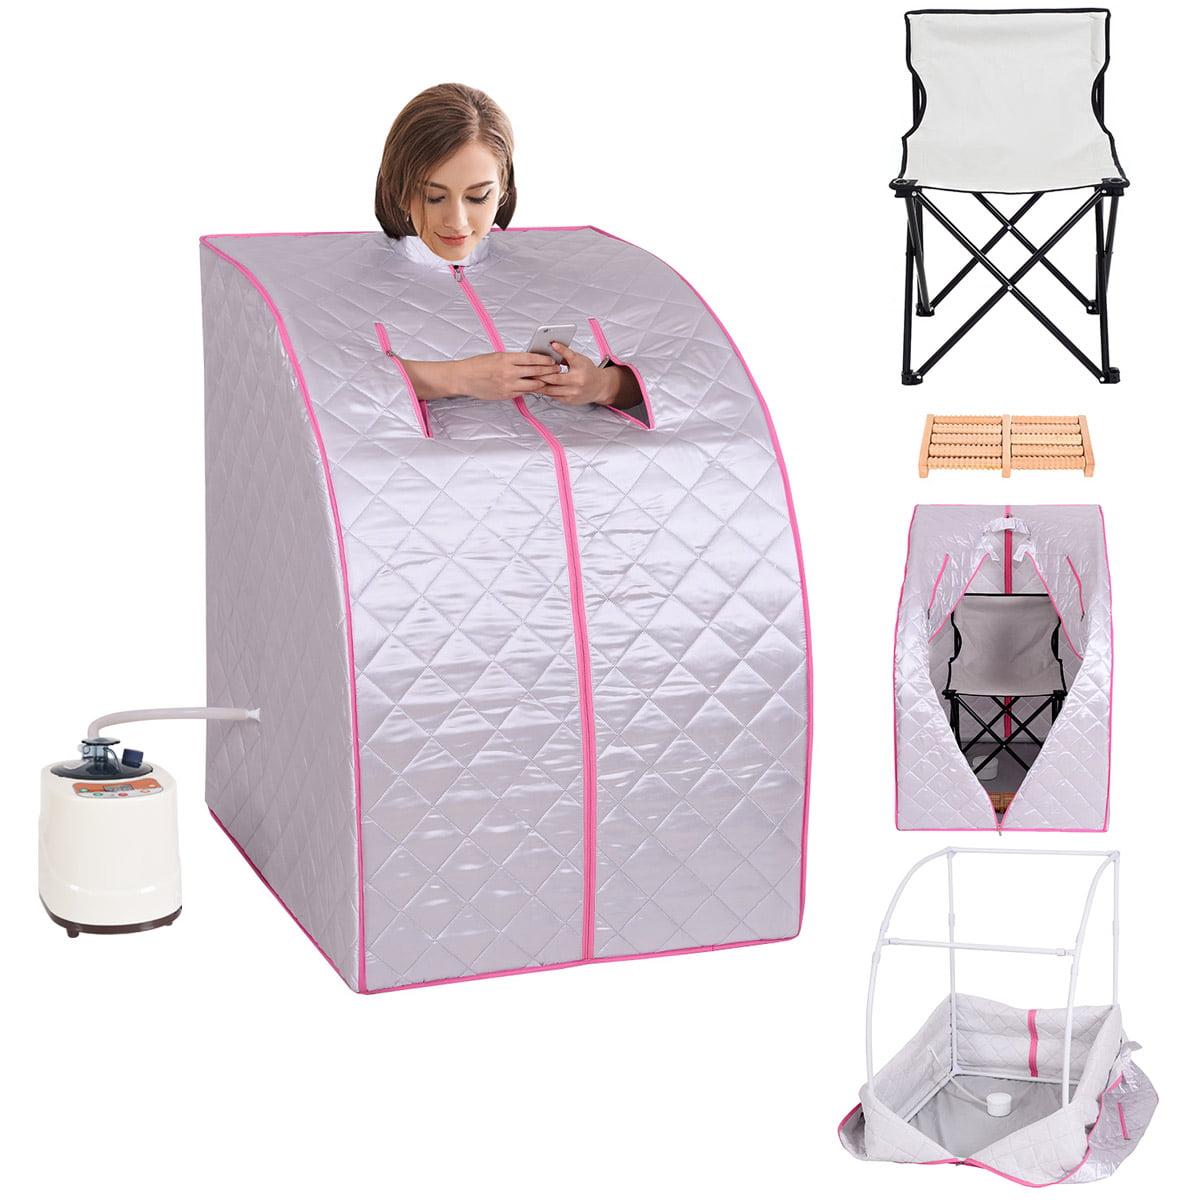 Portable 2L Steam Sauna Spa Full Body Detox Therapy w/Chair